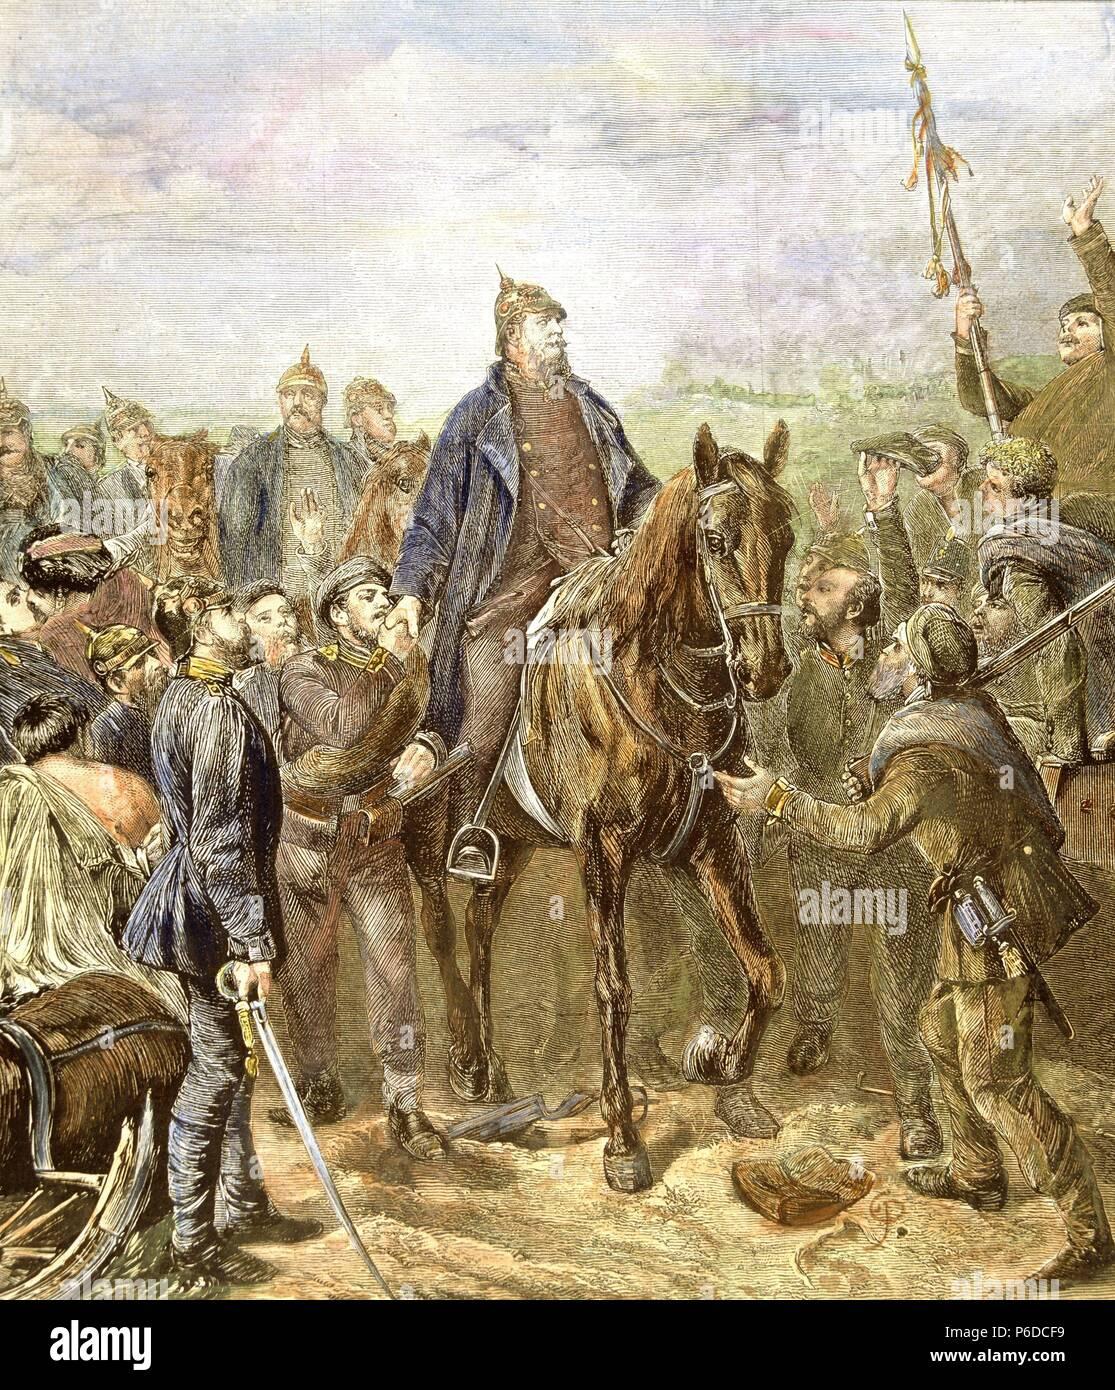 GUILLERMO I. REY DE PRUSIA Y EMPERADOR DE ALEMANIA. 1797-1888. EL REY TRAS SU VICTORIA DE SEDAN CONTRA LOS FRANCESES EN 1870. - Stock Image